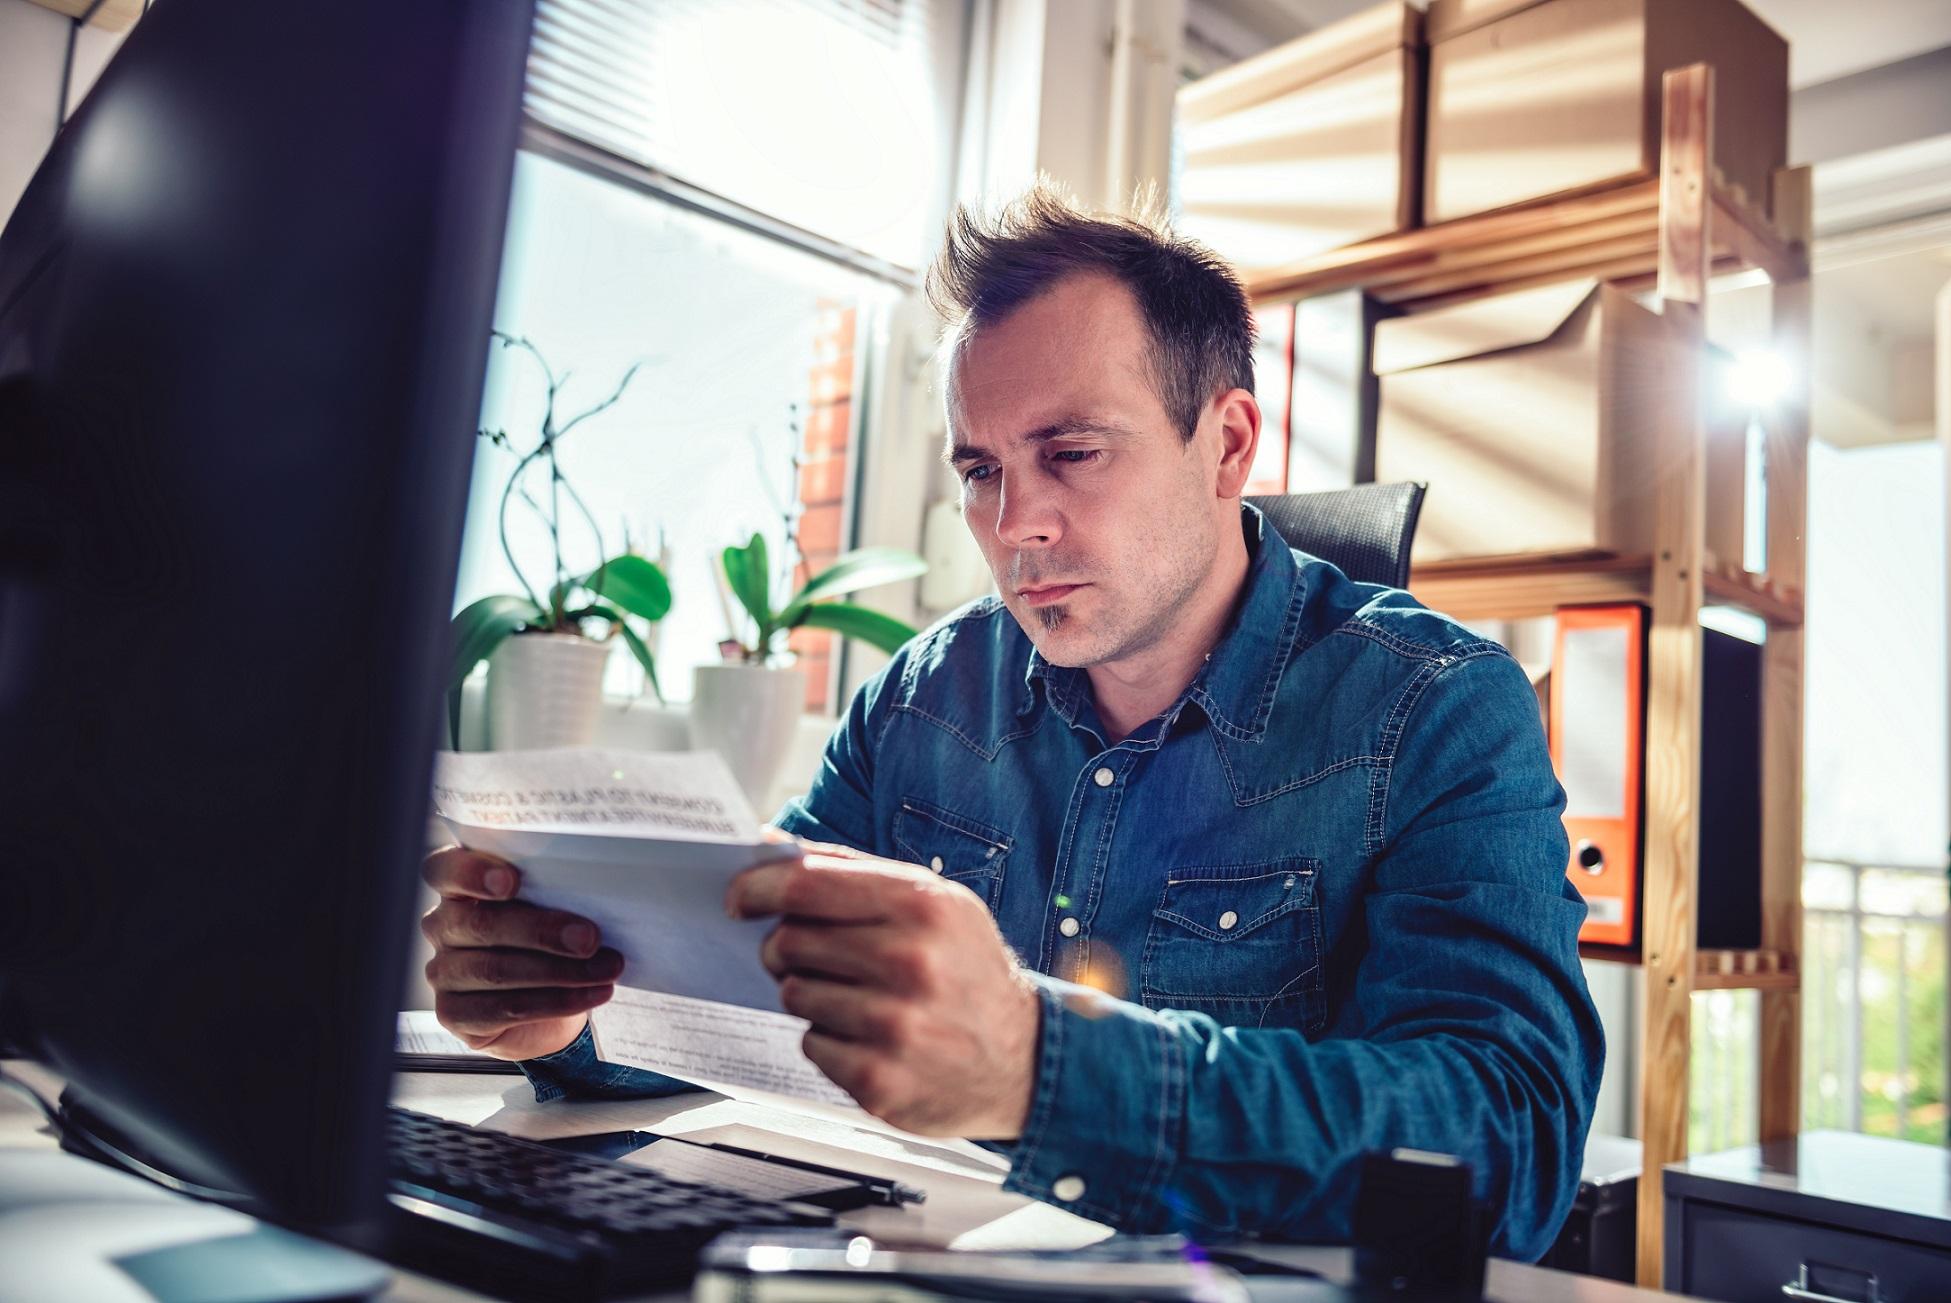 Man filing his taxes